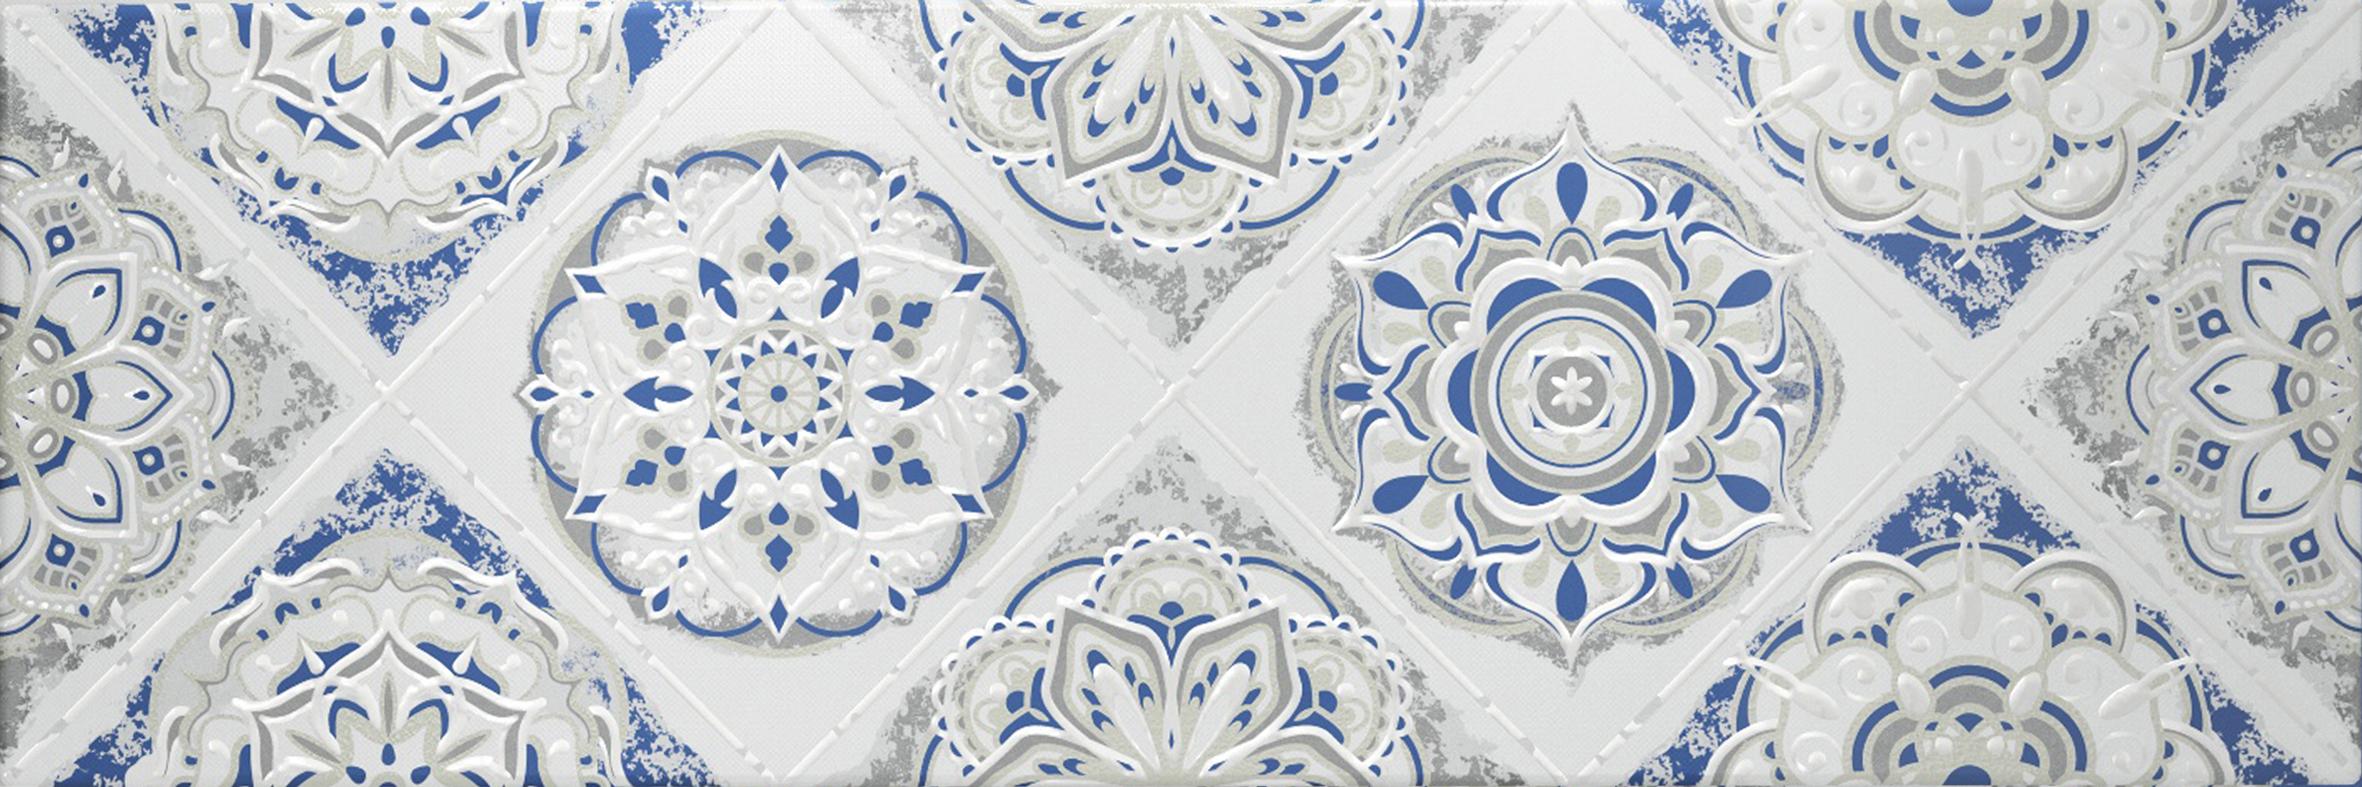 Купить Керамическая плитка AltaСera Story DW11STO00 декор 20x60, Россия